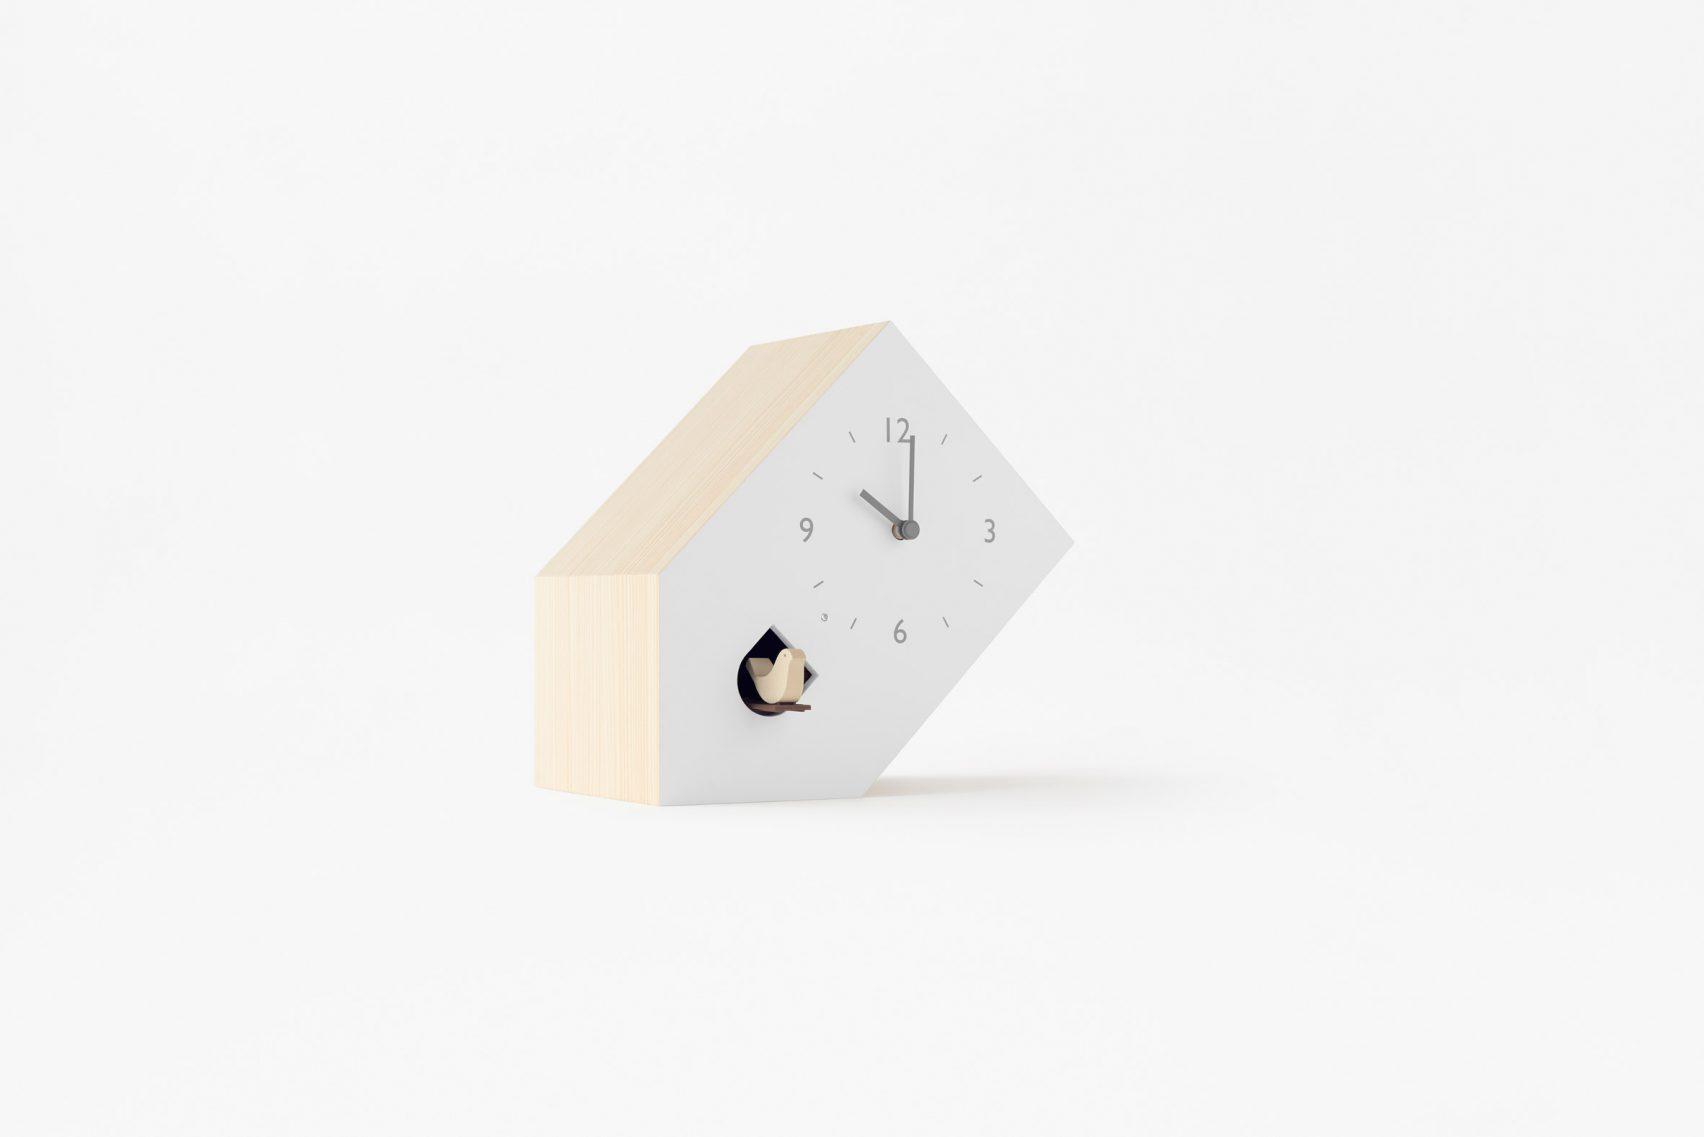 nendo-cuckoo-clocks-noko-04.jpg